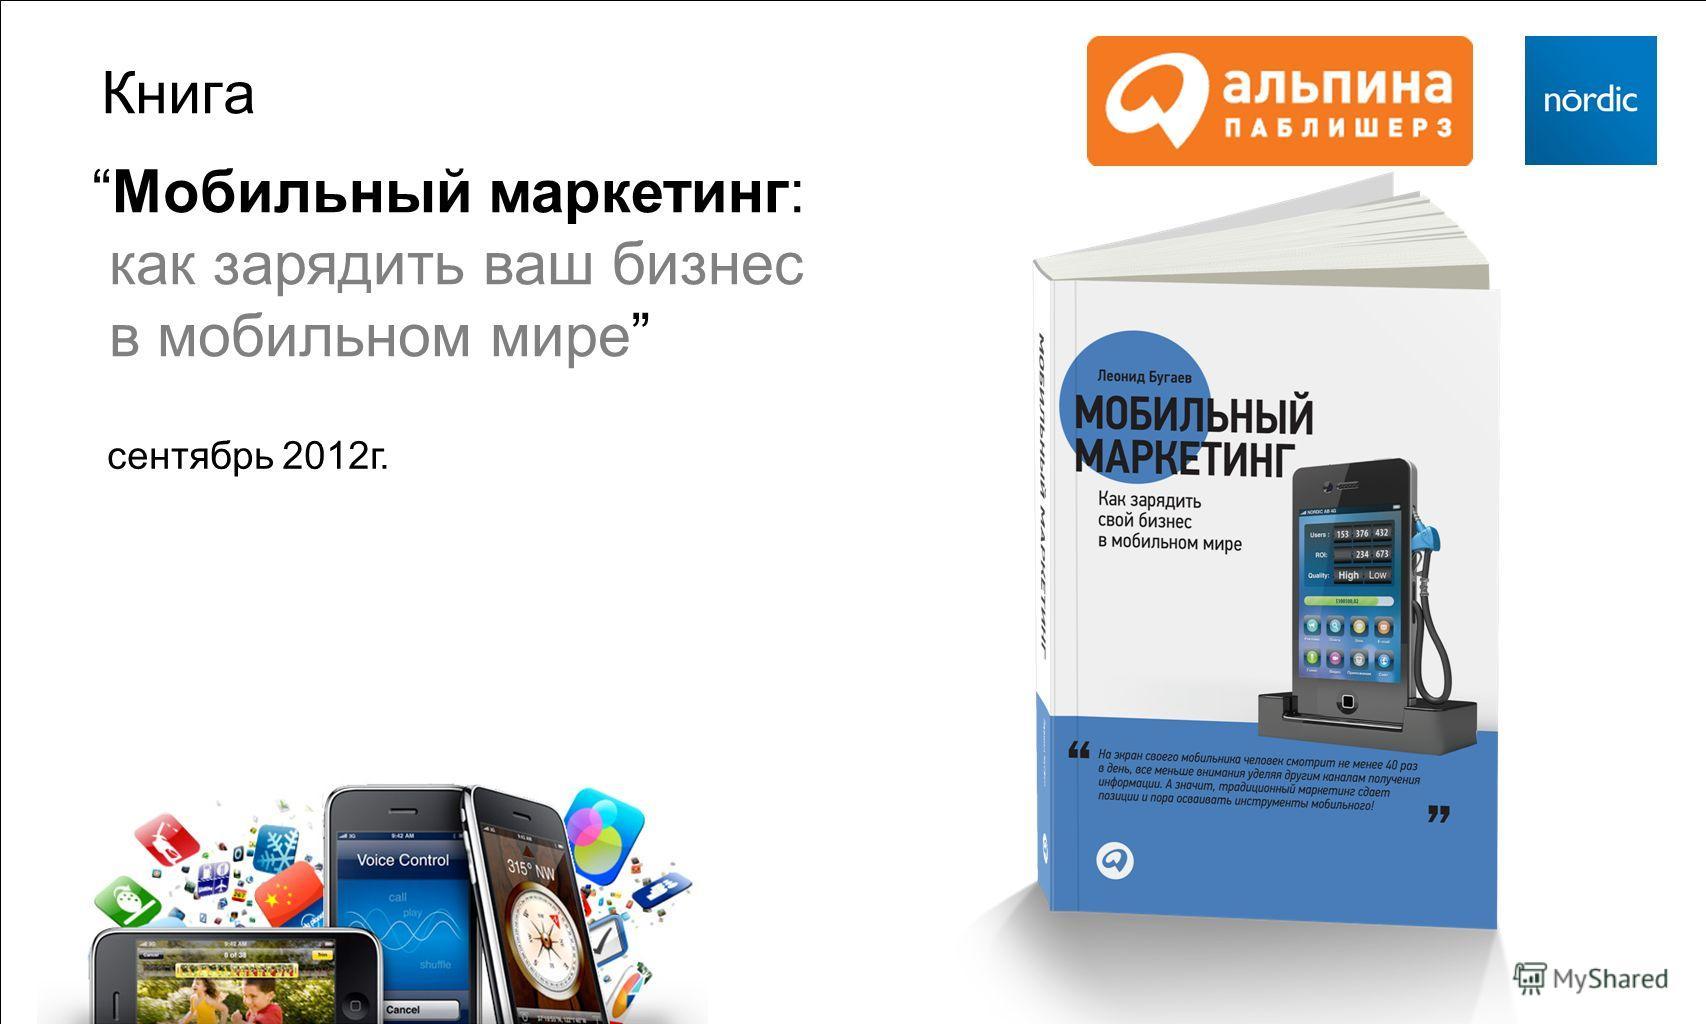 Книга Мобильный маркетинг: как зарядить ваш бизнес в мобильном мире сентябрь 2012г.